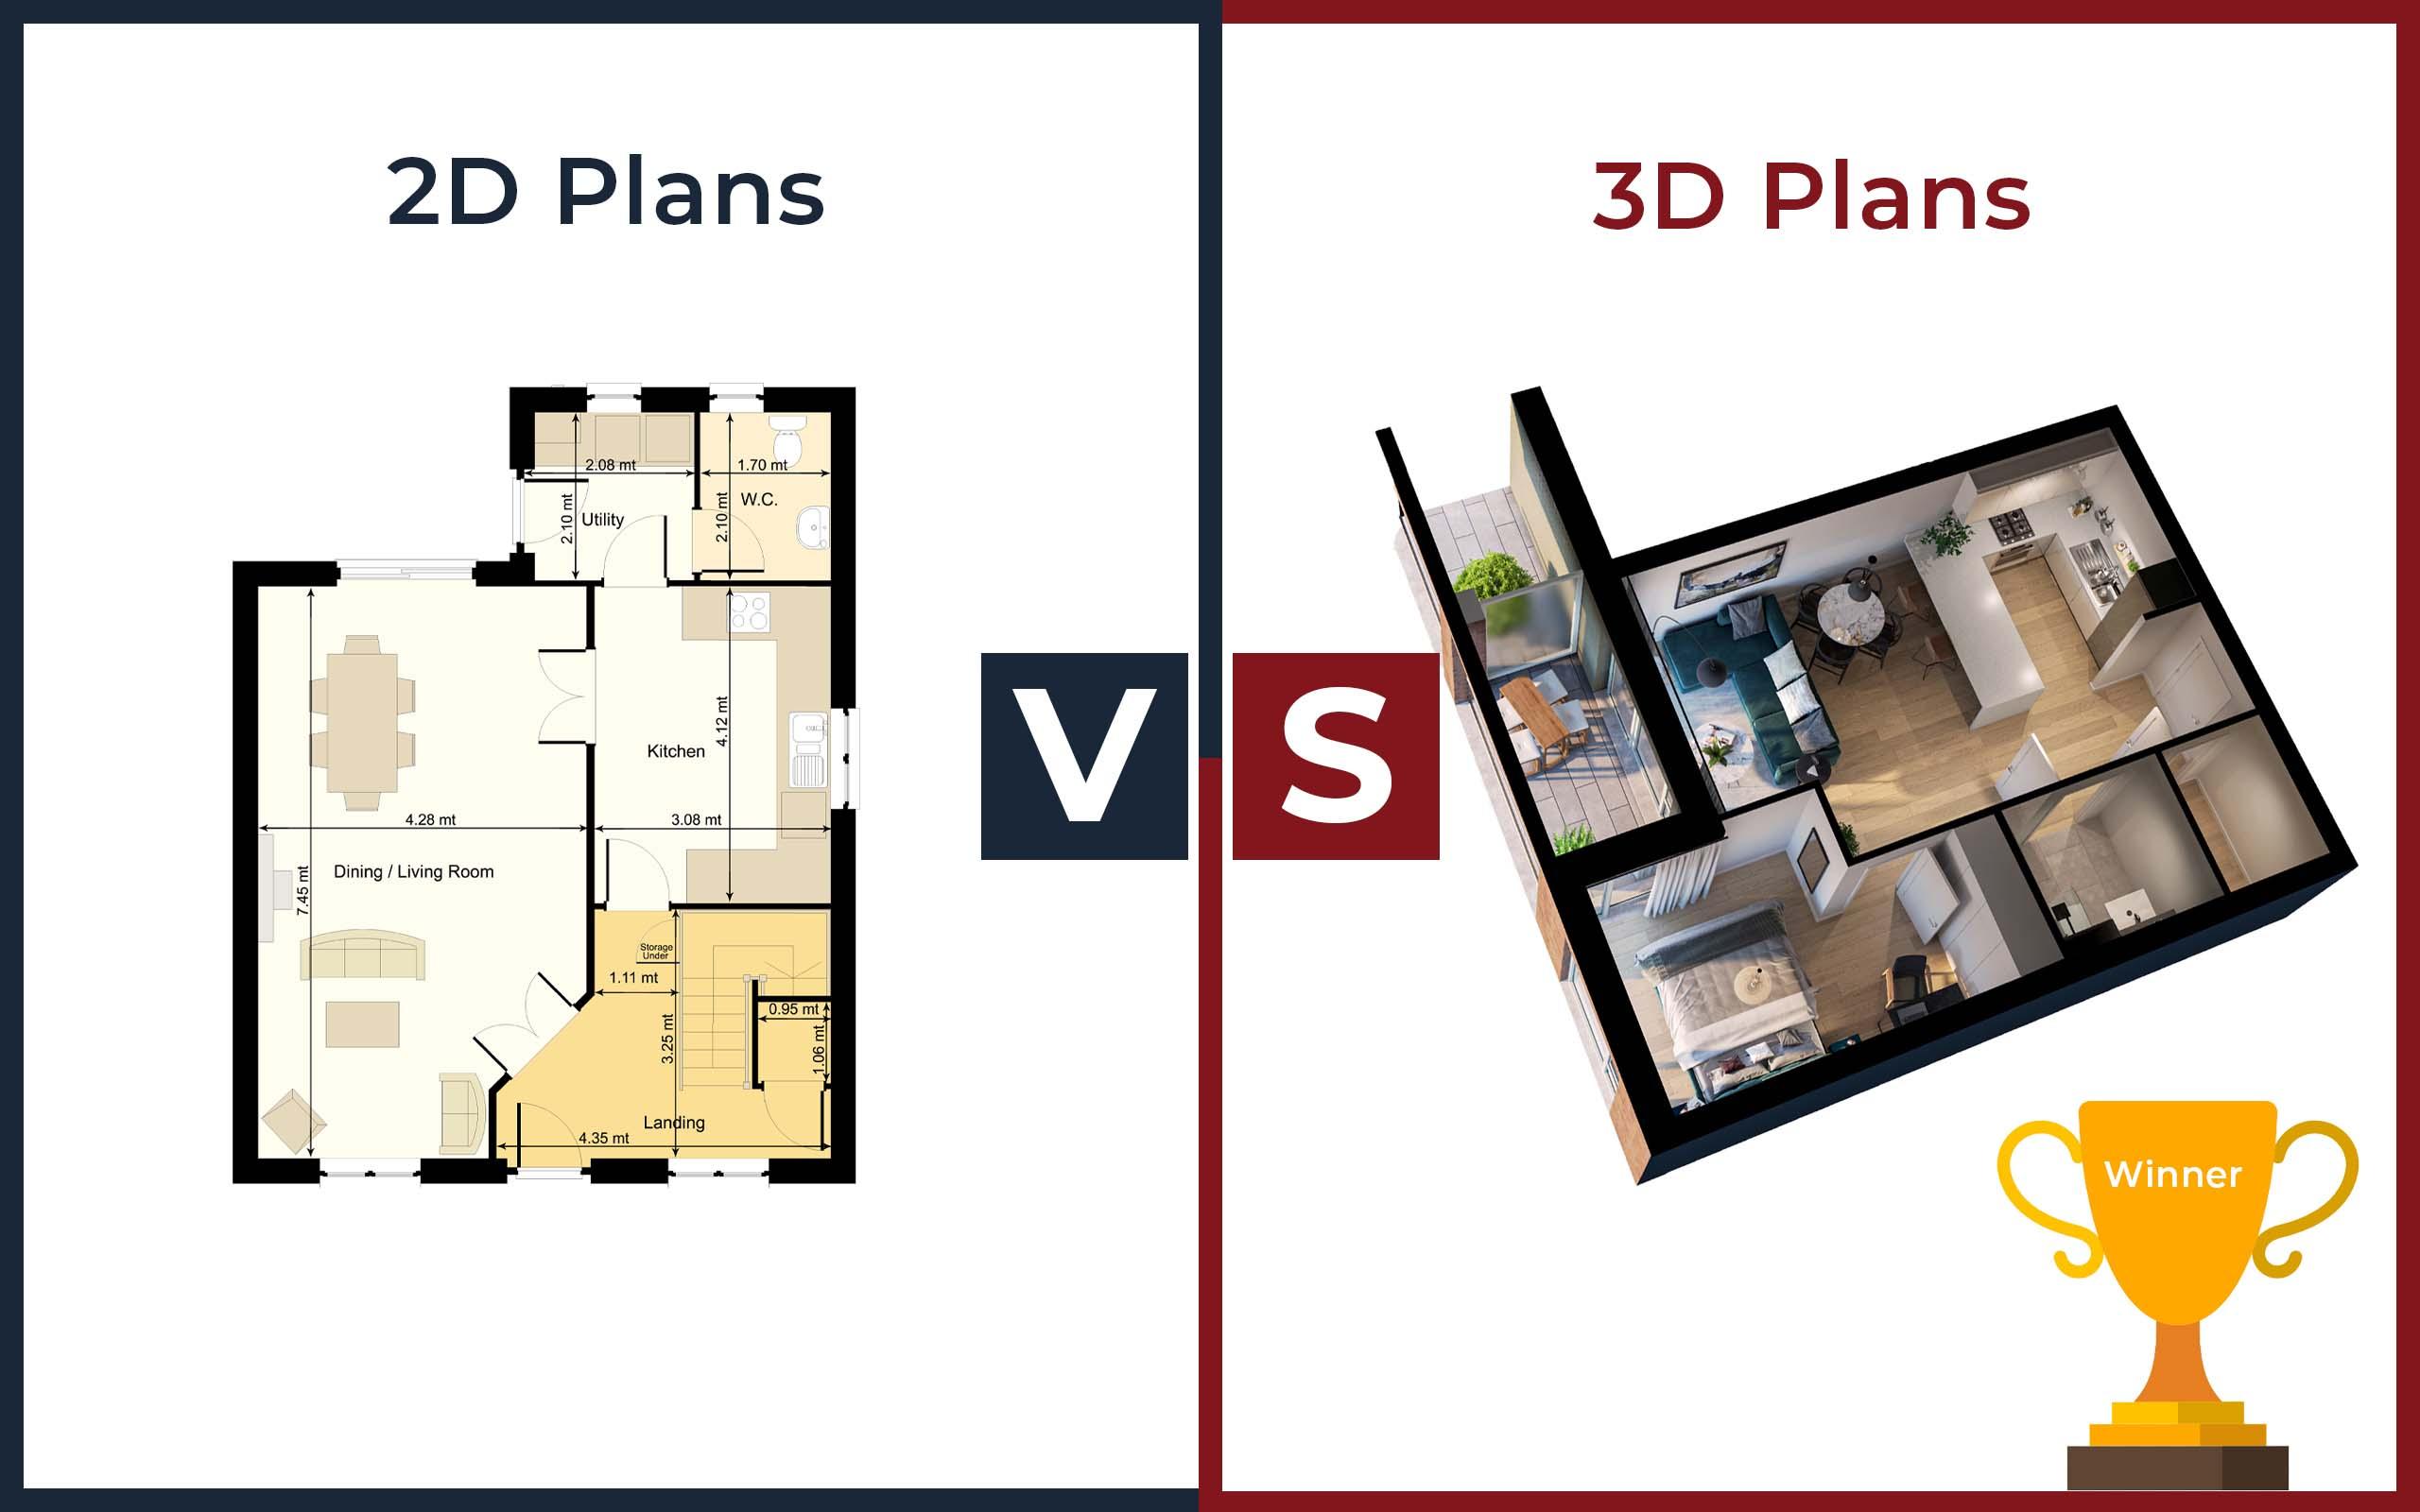 3D Plans Victorious over 2D Plans